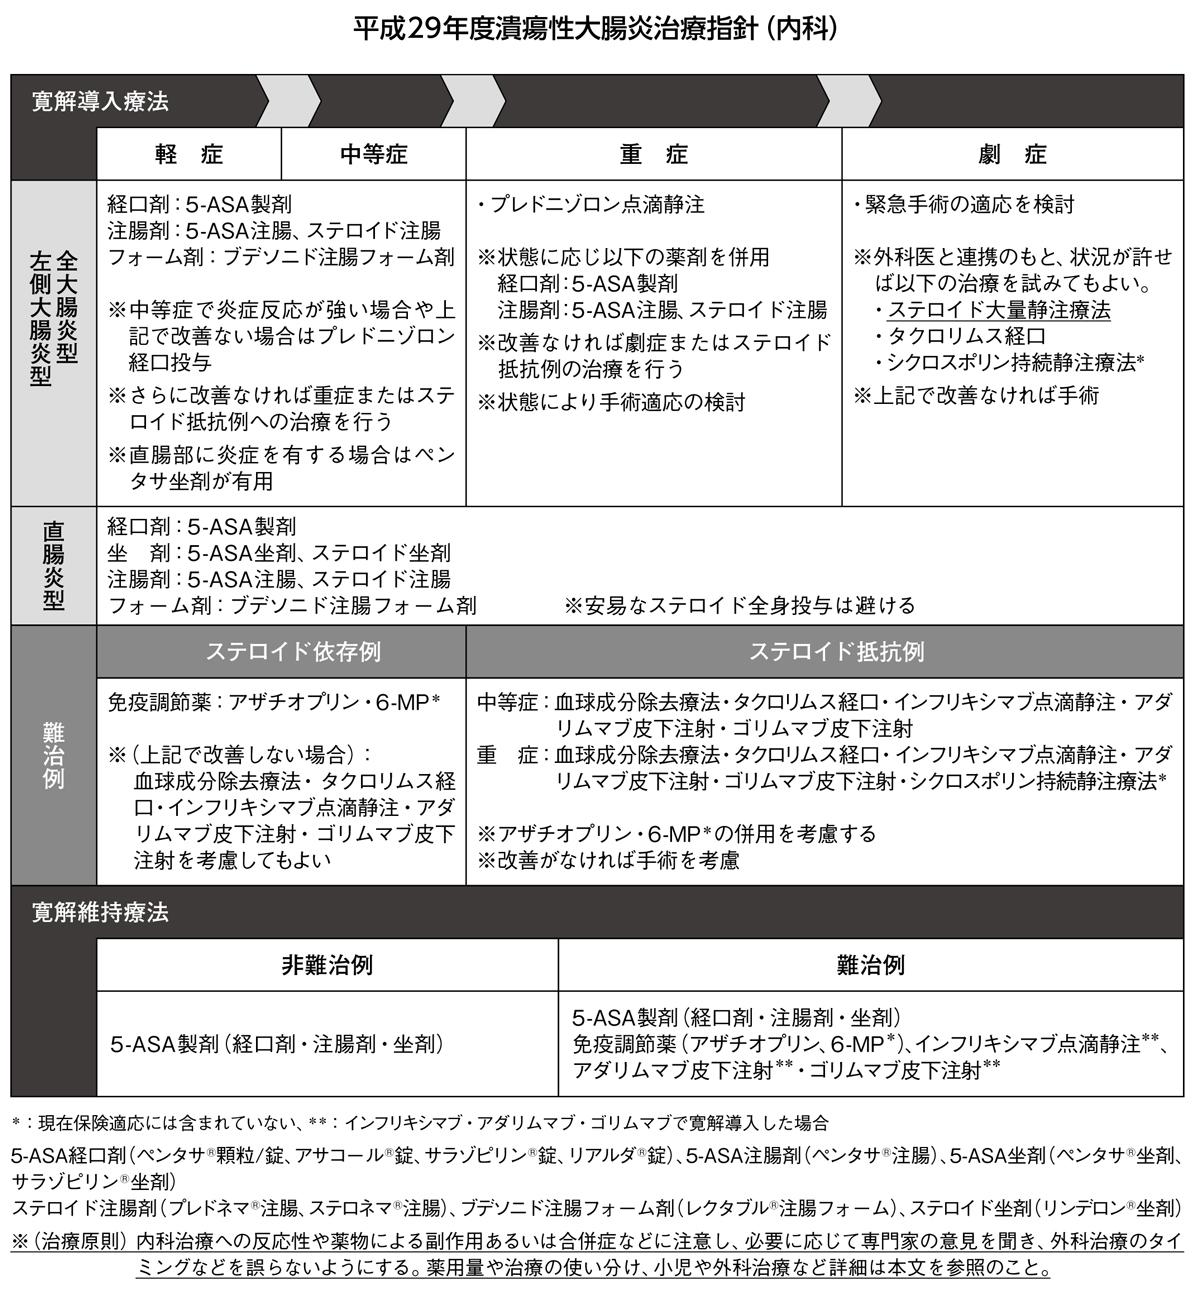 平成29年度潰瘍性大腸炎治療指針(内科)